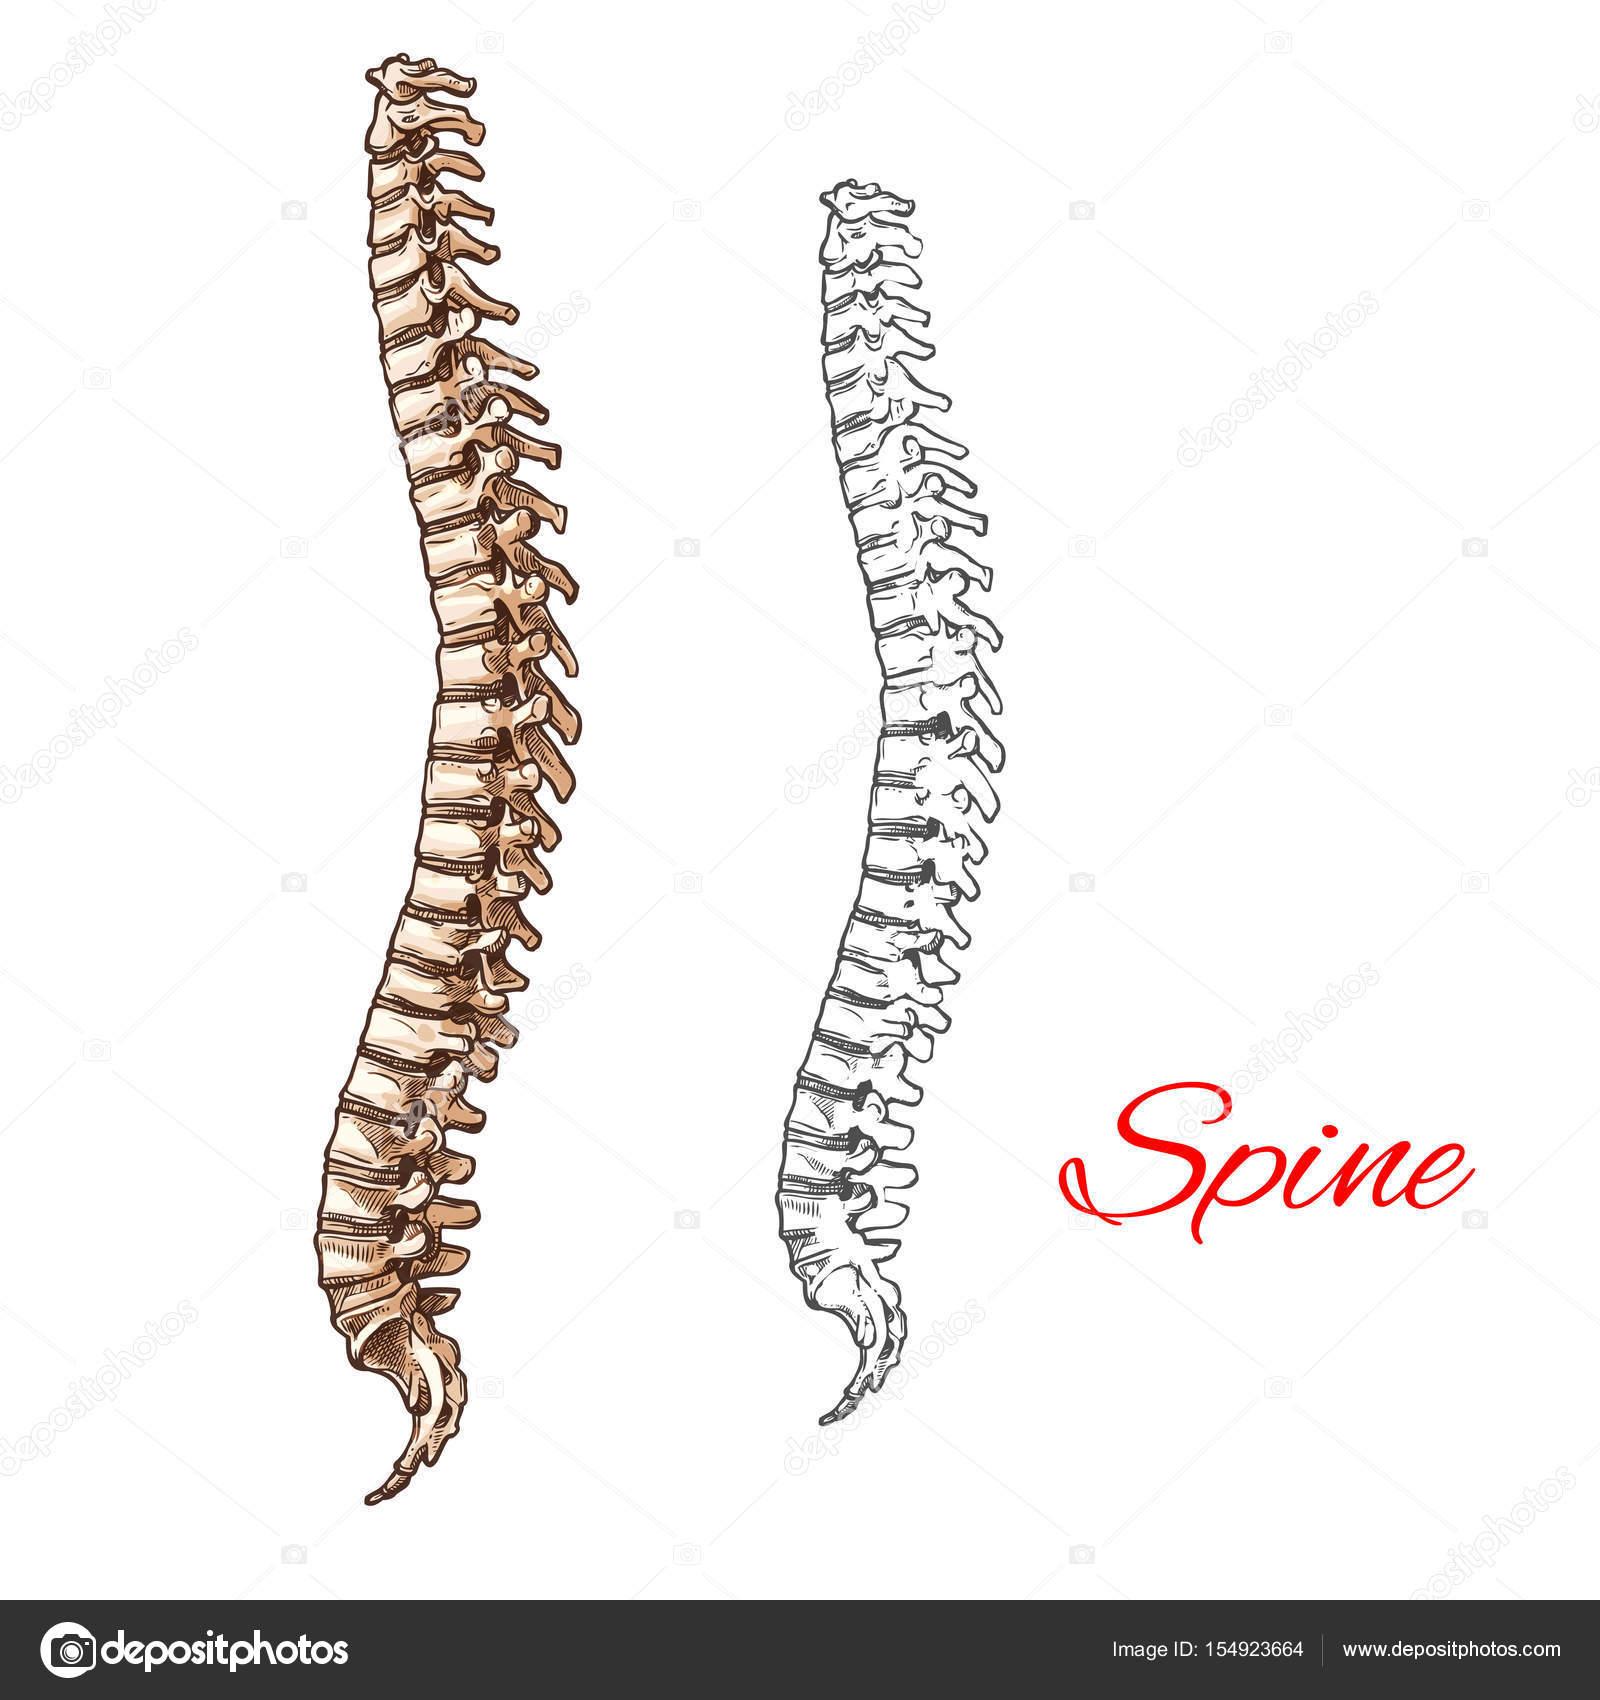 Vektor-Skizze-Symbol der menschlichen Wirbelsäule Knochen oder ...